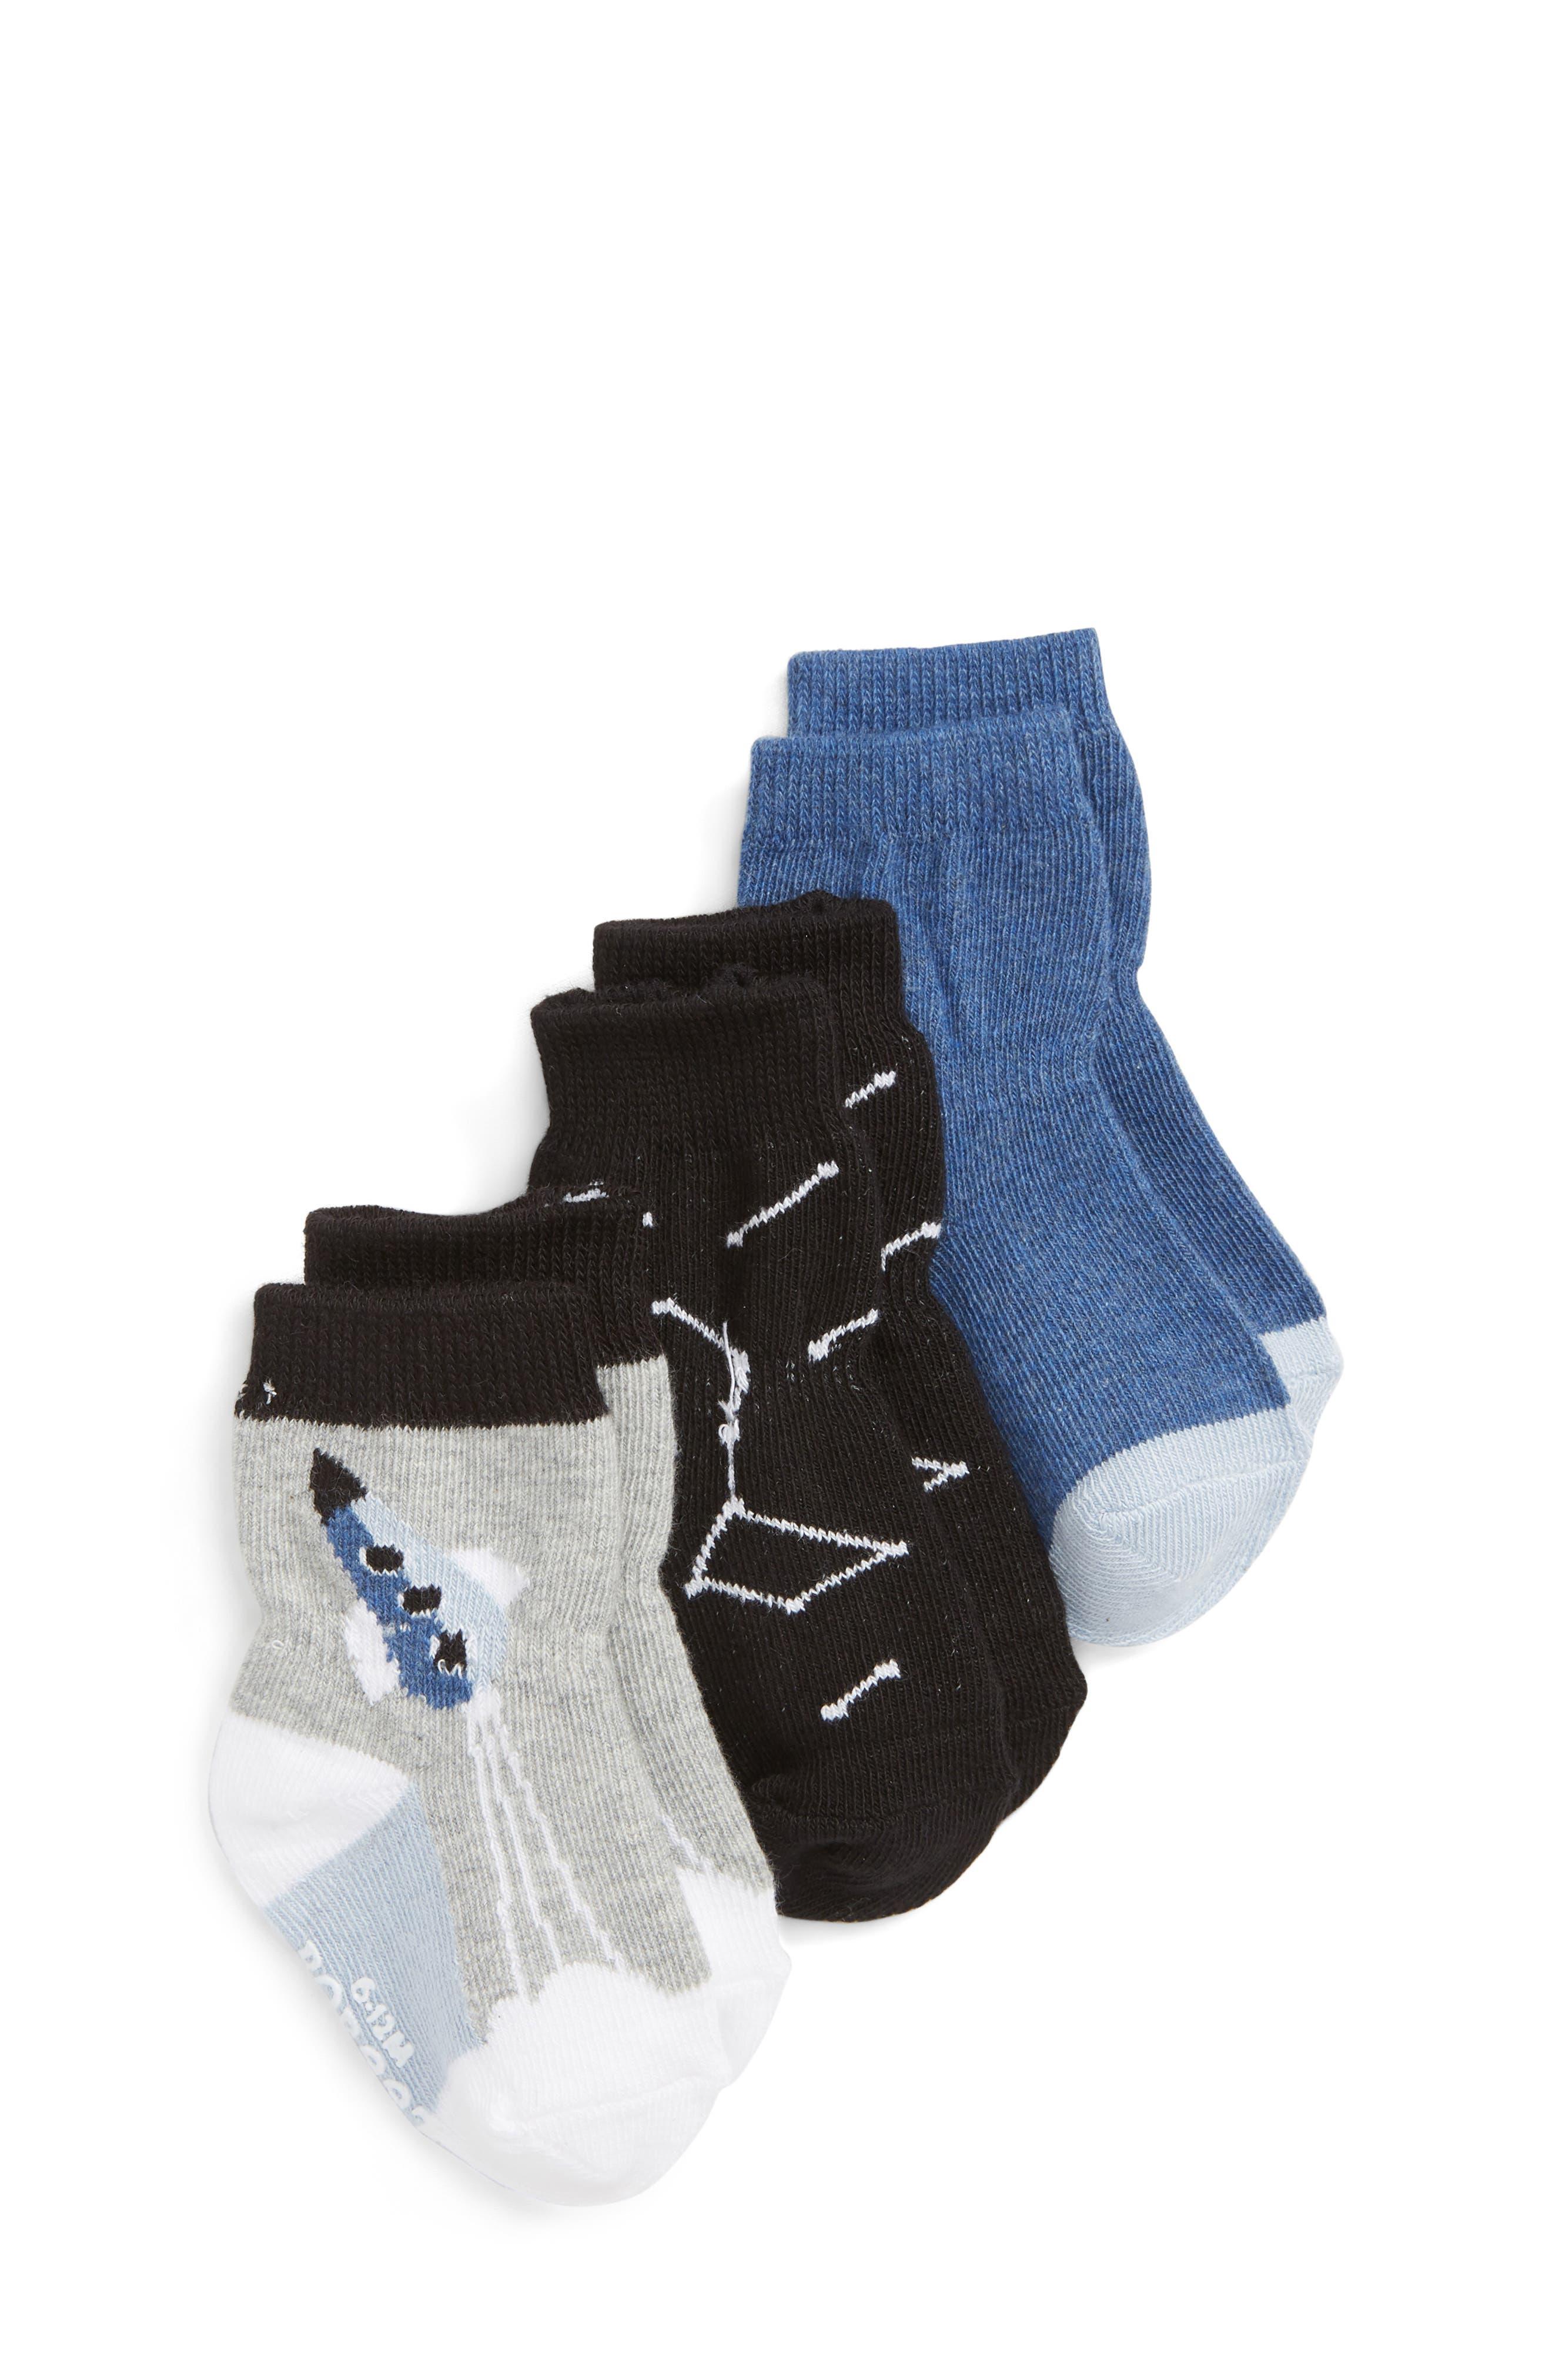 Blast Off 3-Pack Socks,                         Main,                         color, BLACK/ GREY/ BLUE